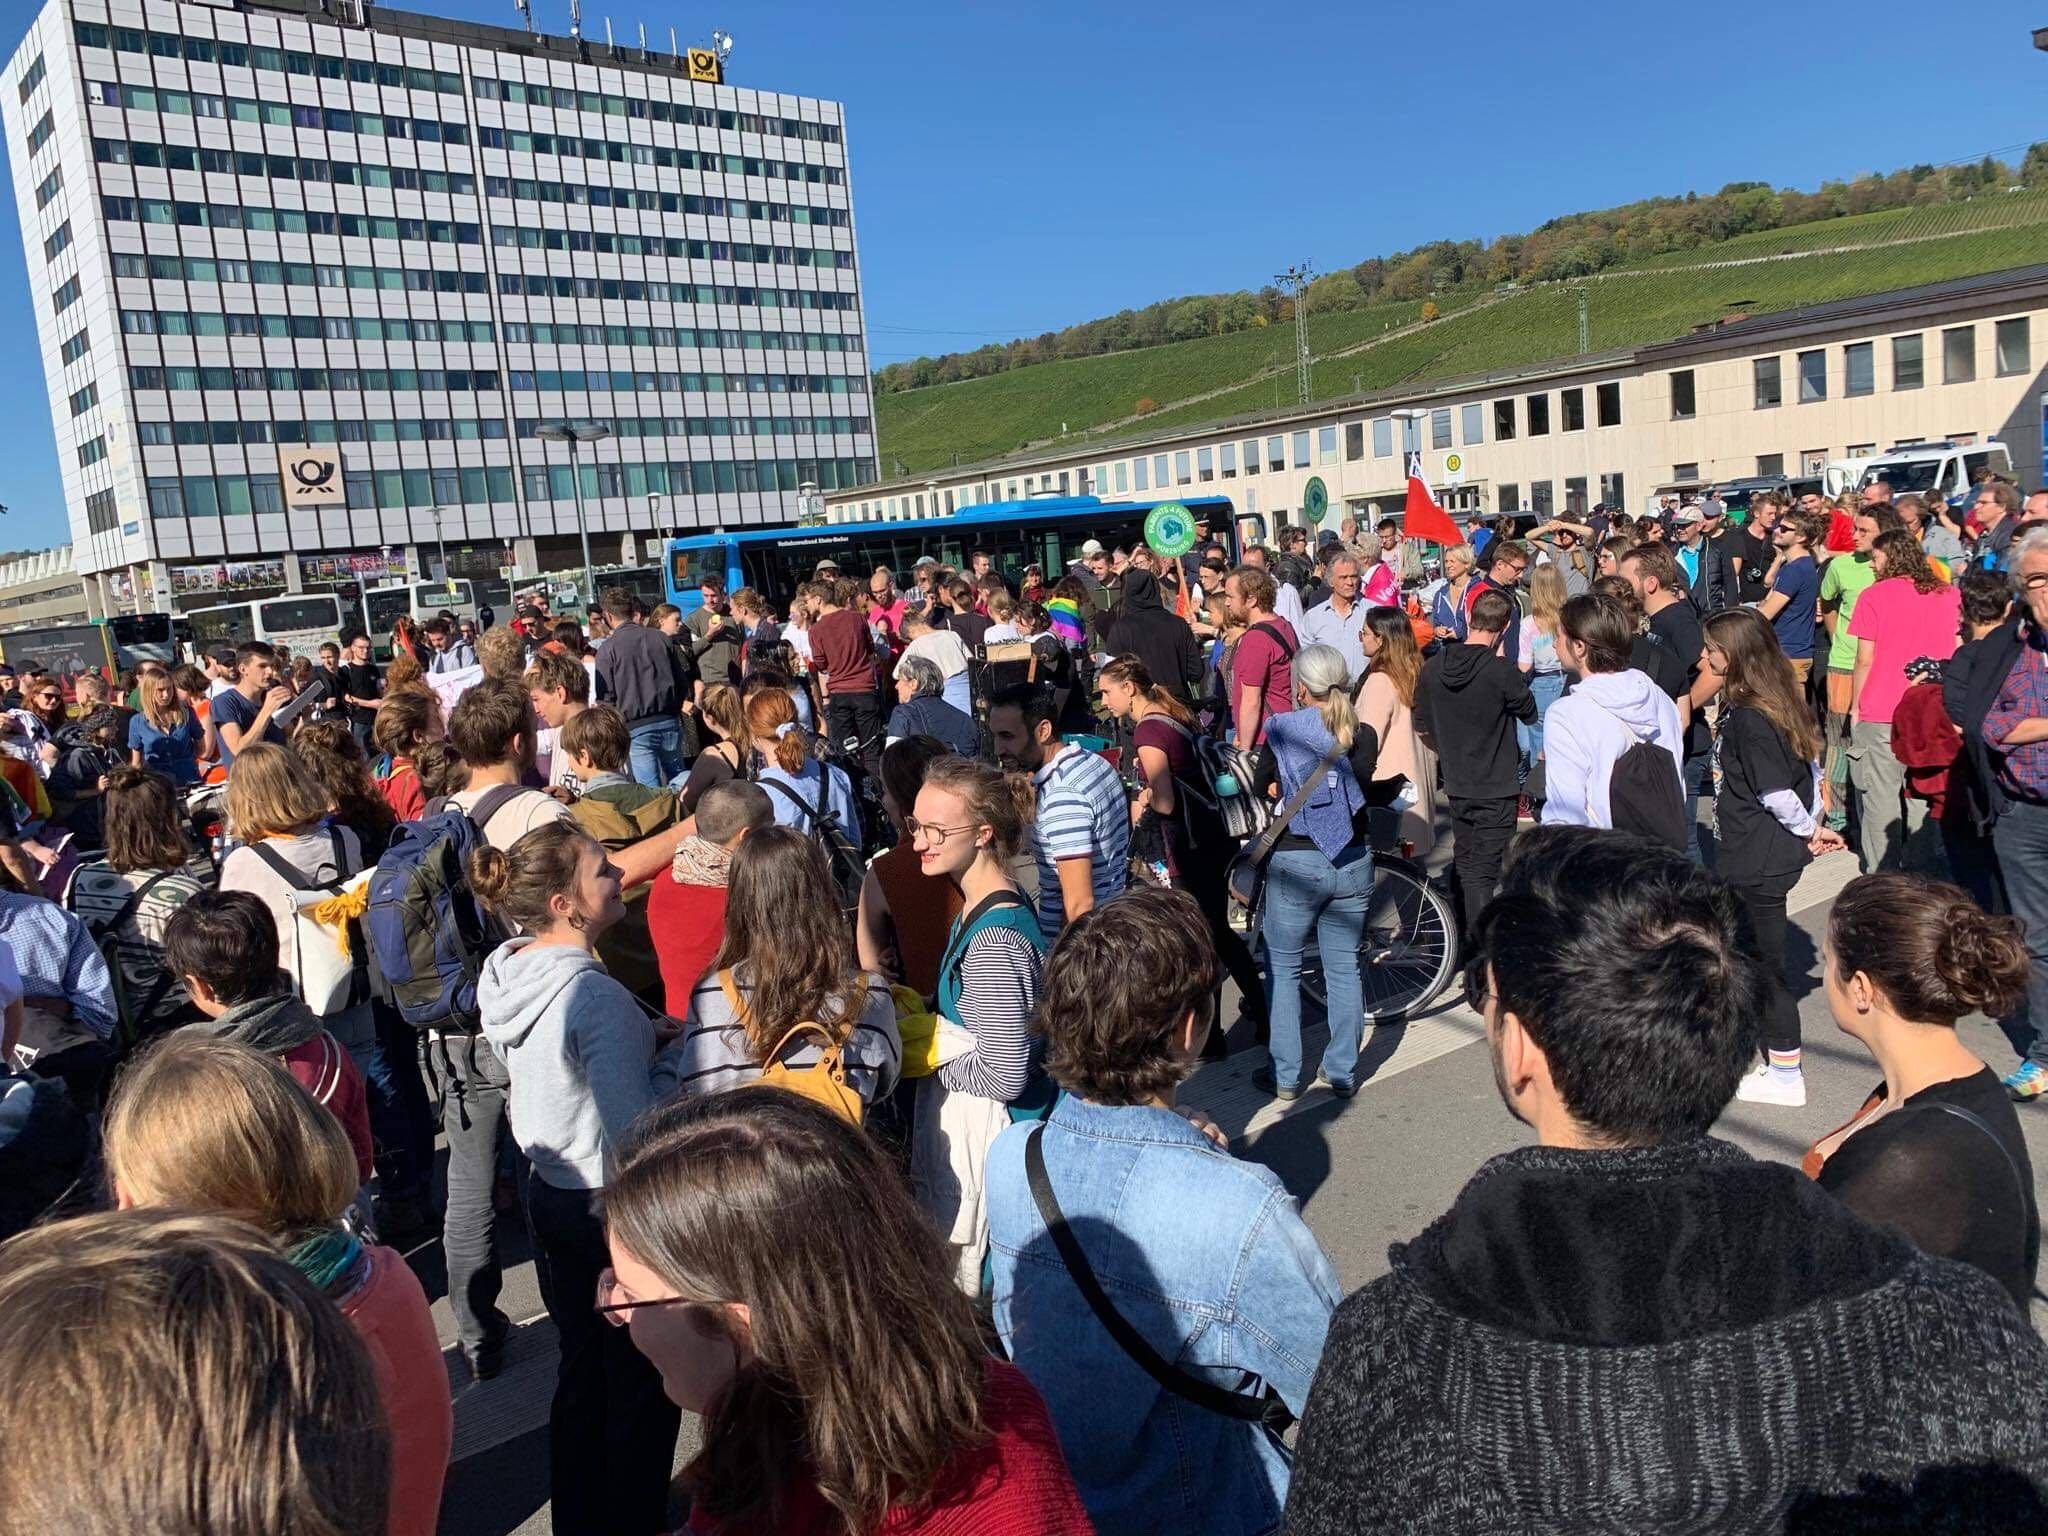 Ordnungsgemäßer Start am Bahnhof. Foto: Pascal Höfig